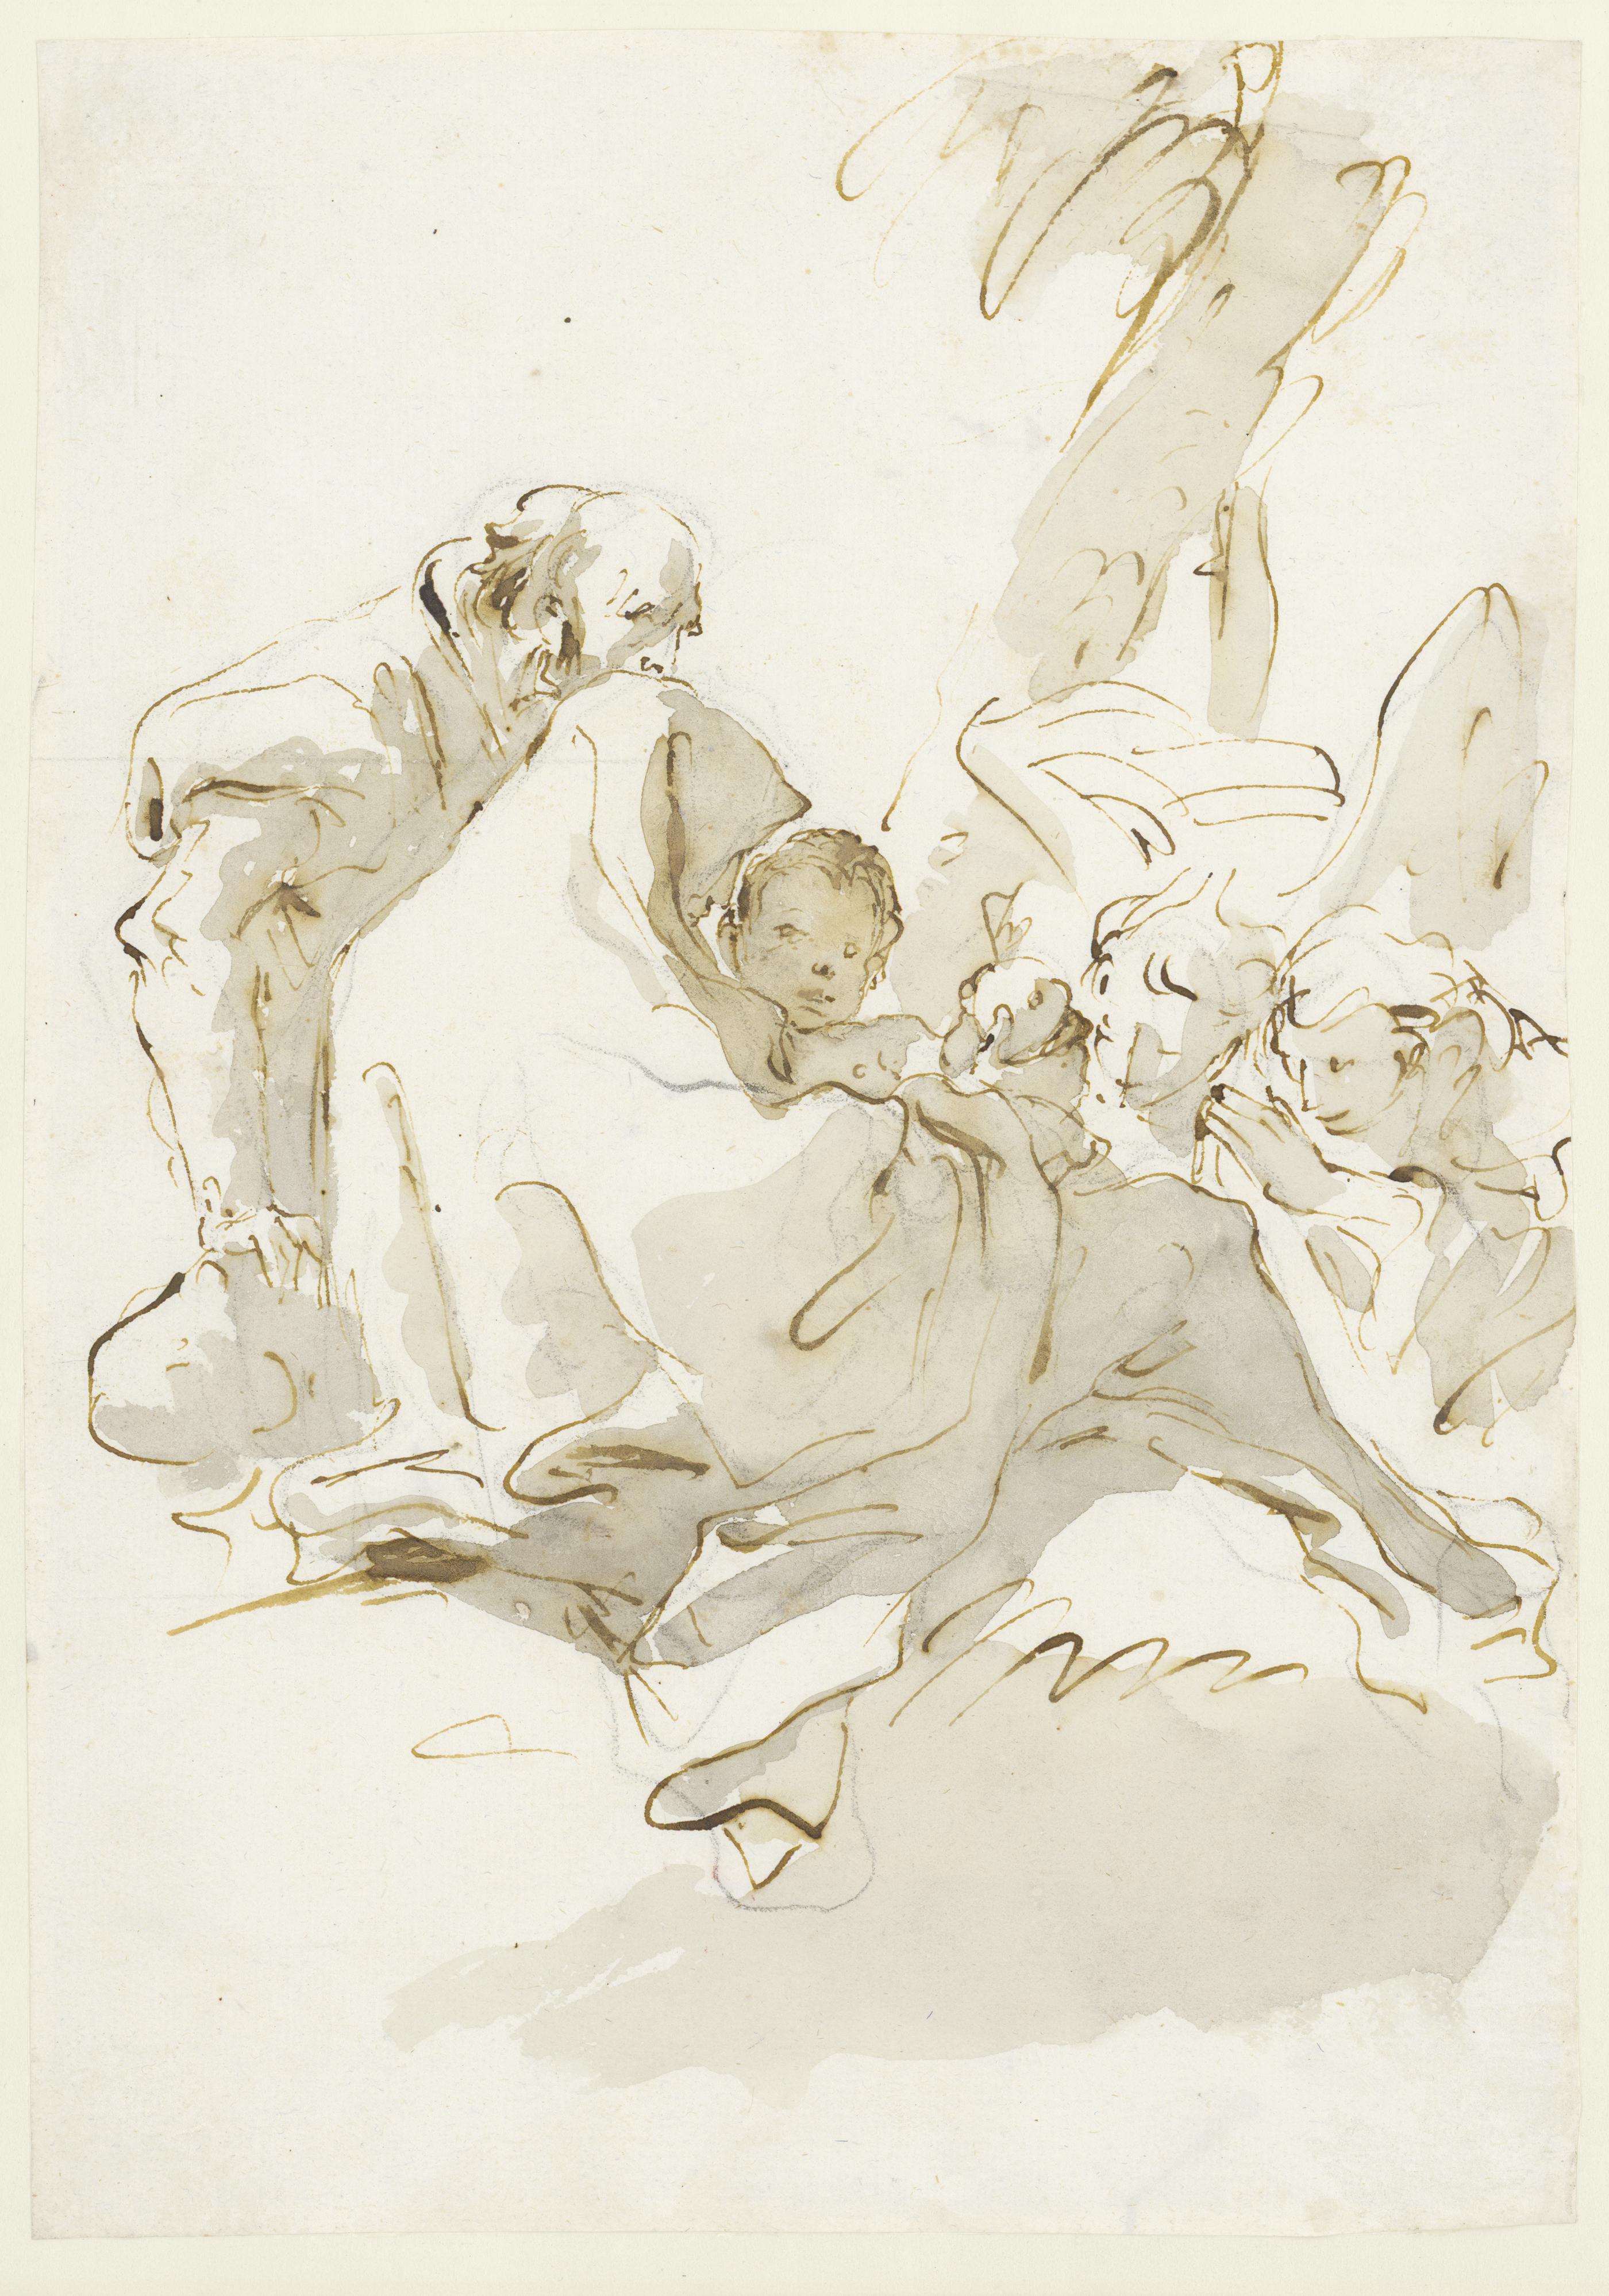 Giovanni Battista Tiepolo (1696 - 1770): Ruhe auf der Flucht nach Ägypten mit zwei Engeln, 1753 - 1762 © Hamburger Kunsthalle